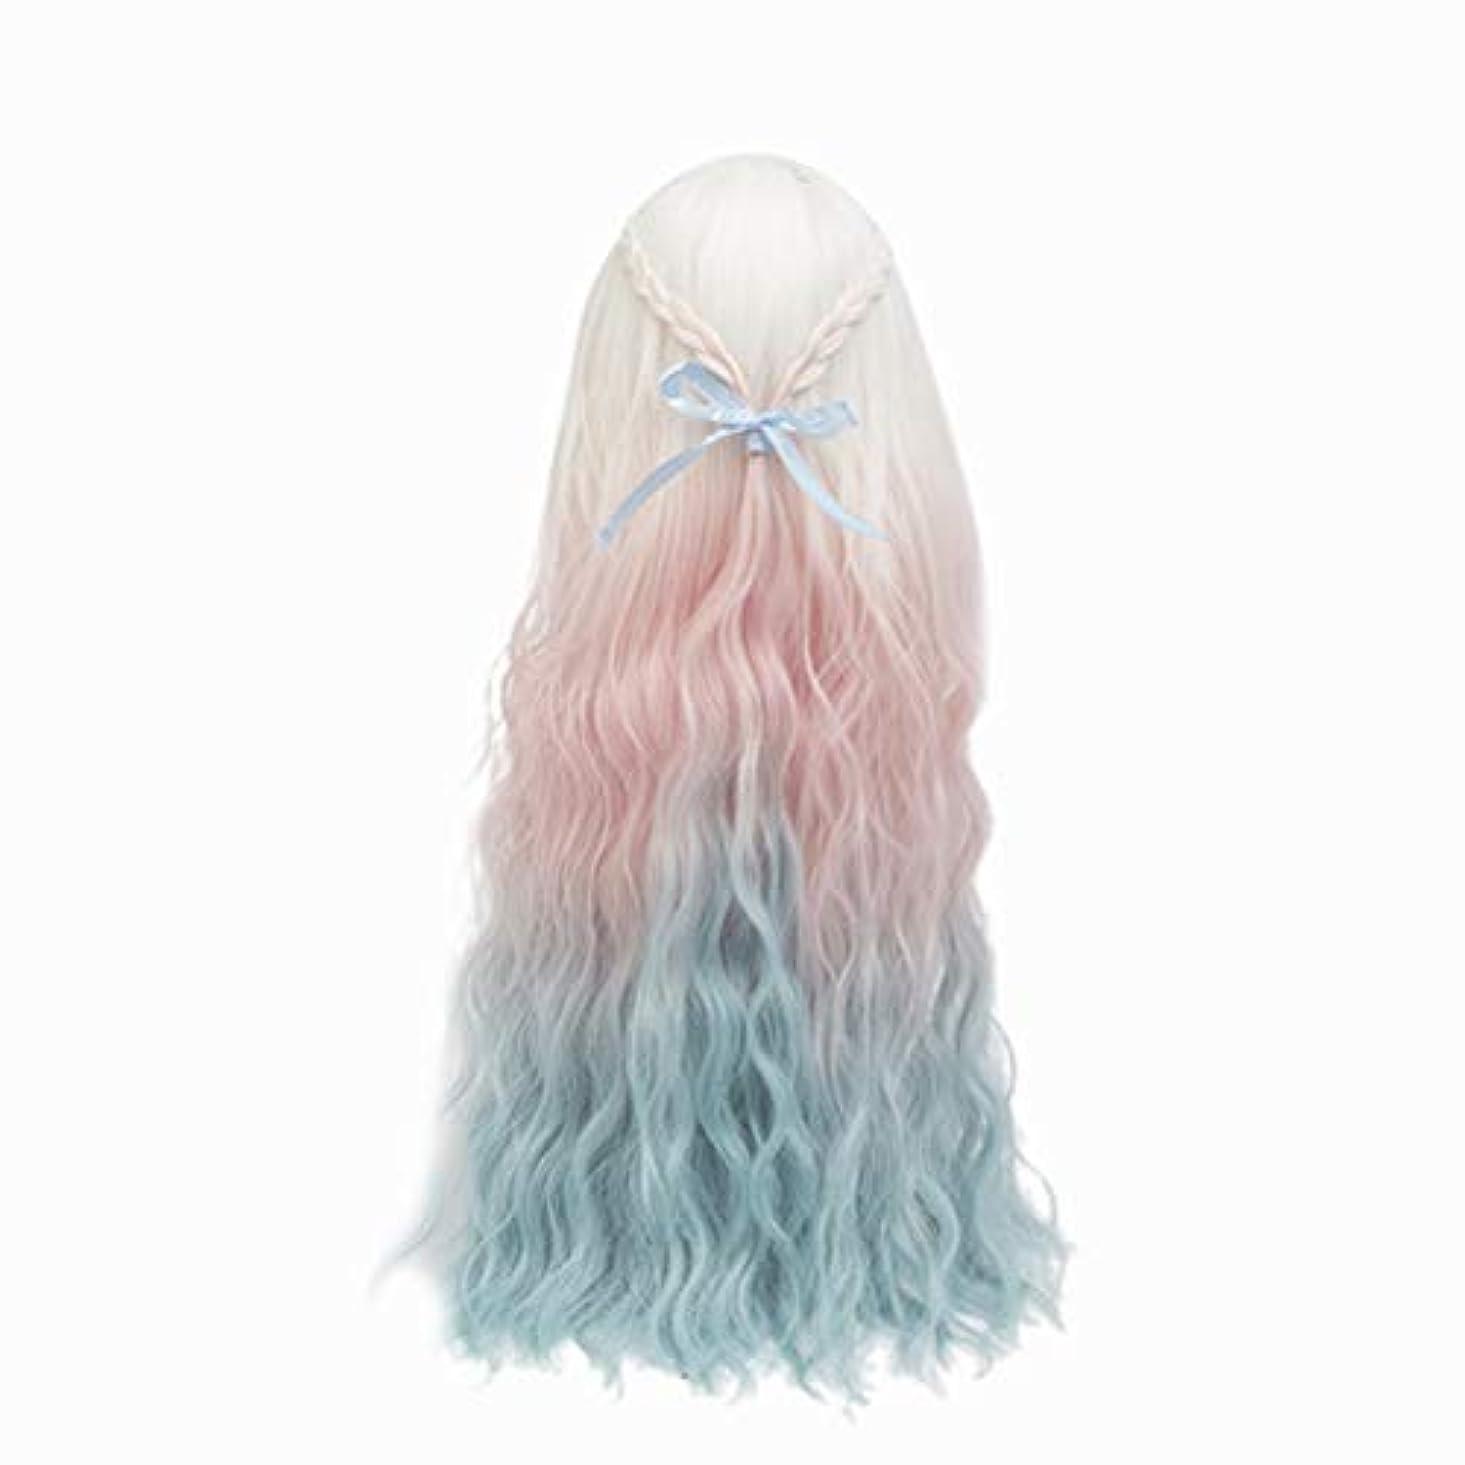 好き船尾ビジネスHealifty Healiftyファッション人形かつらヘアピース長い巻き毛人形用DIY作りと修理アクセサリー色とりどりのグラデーション